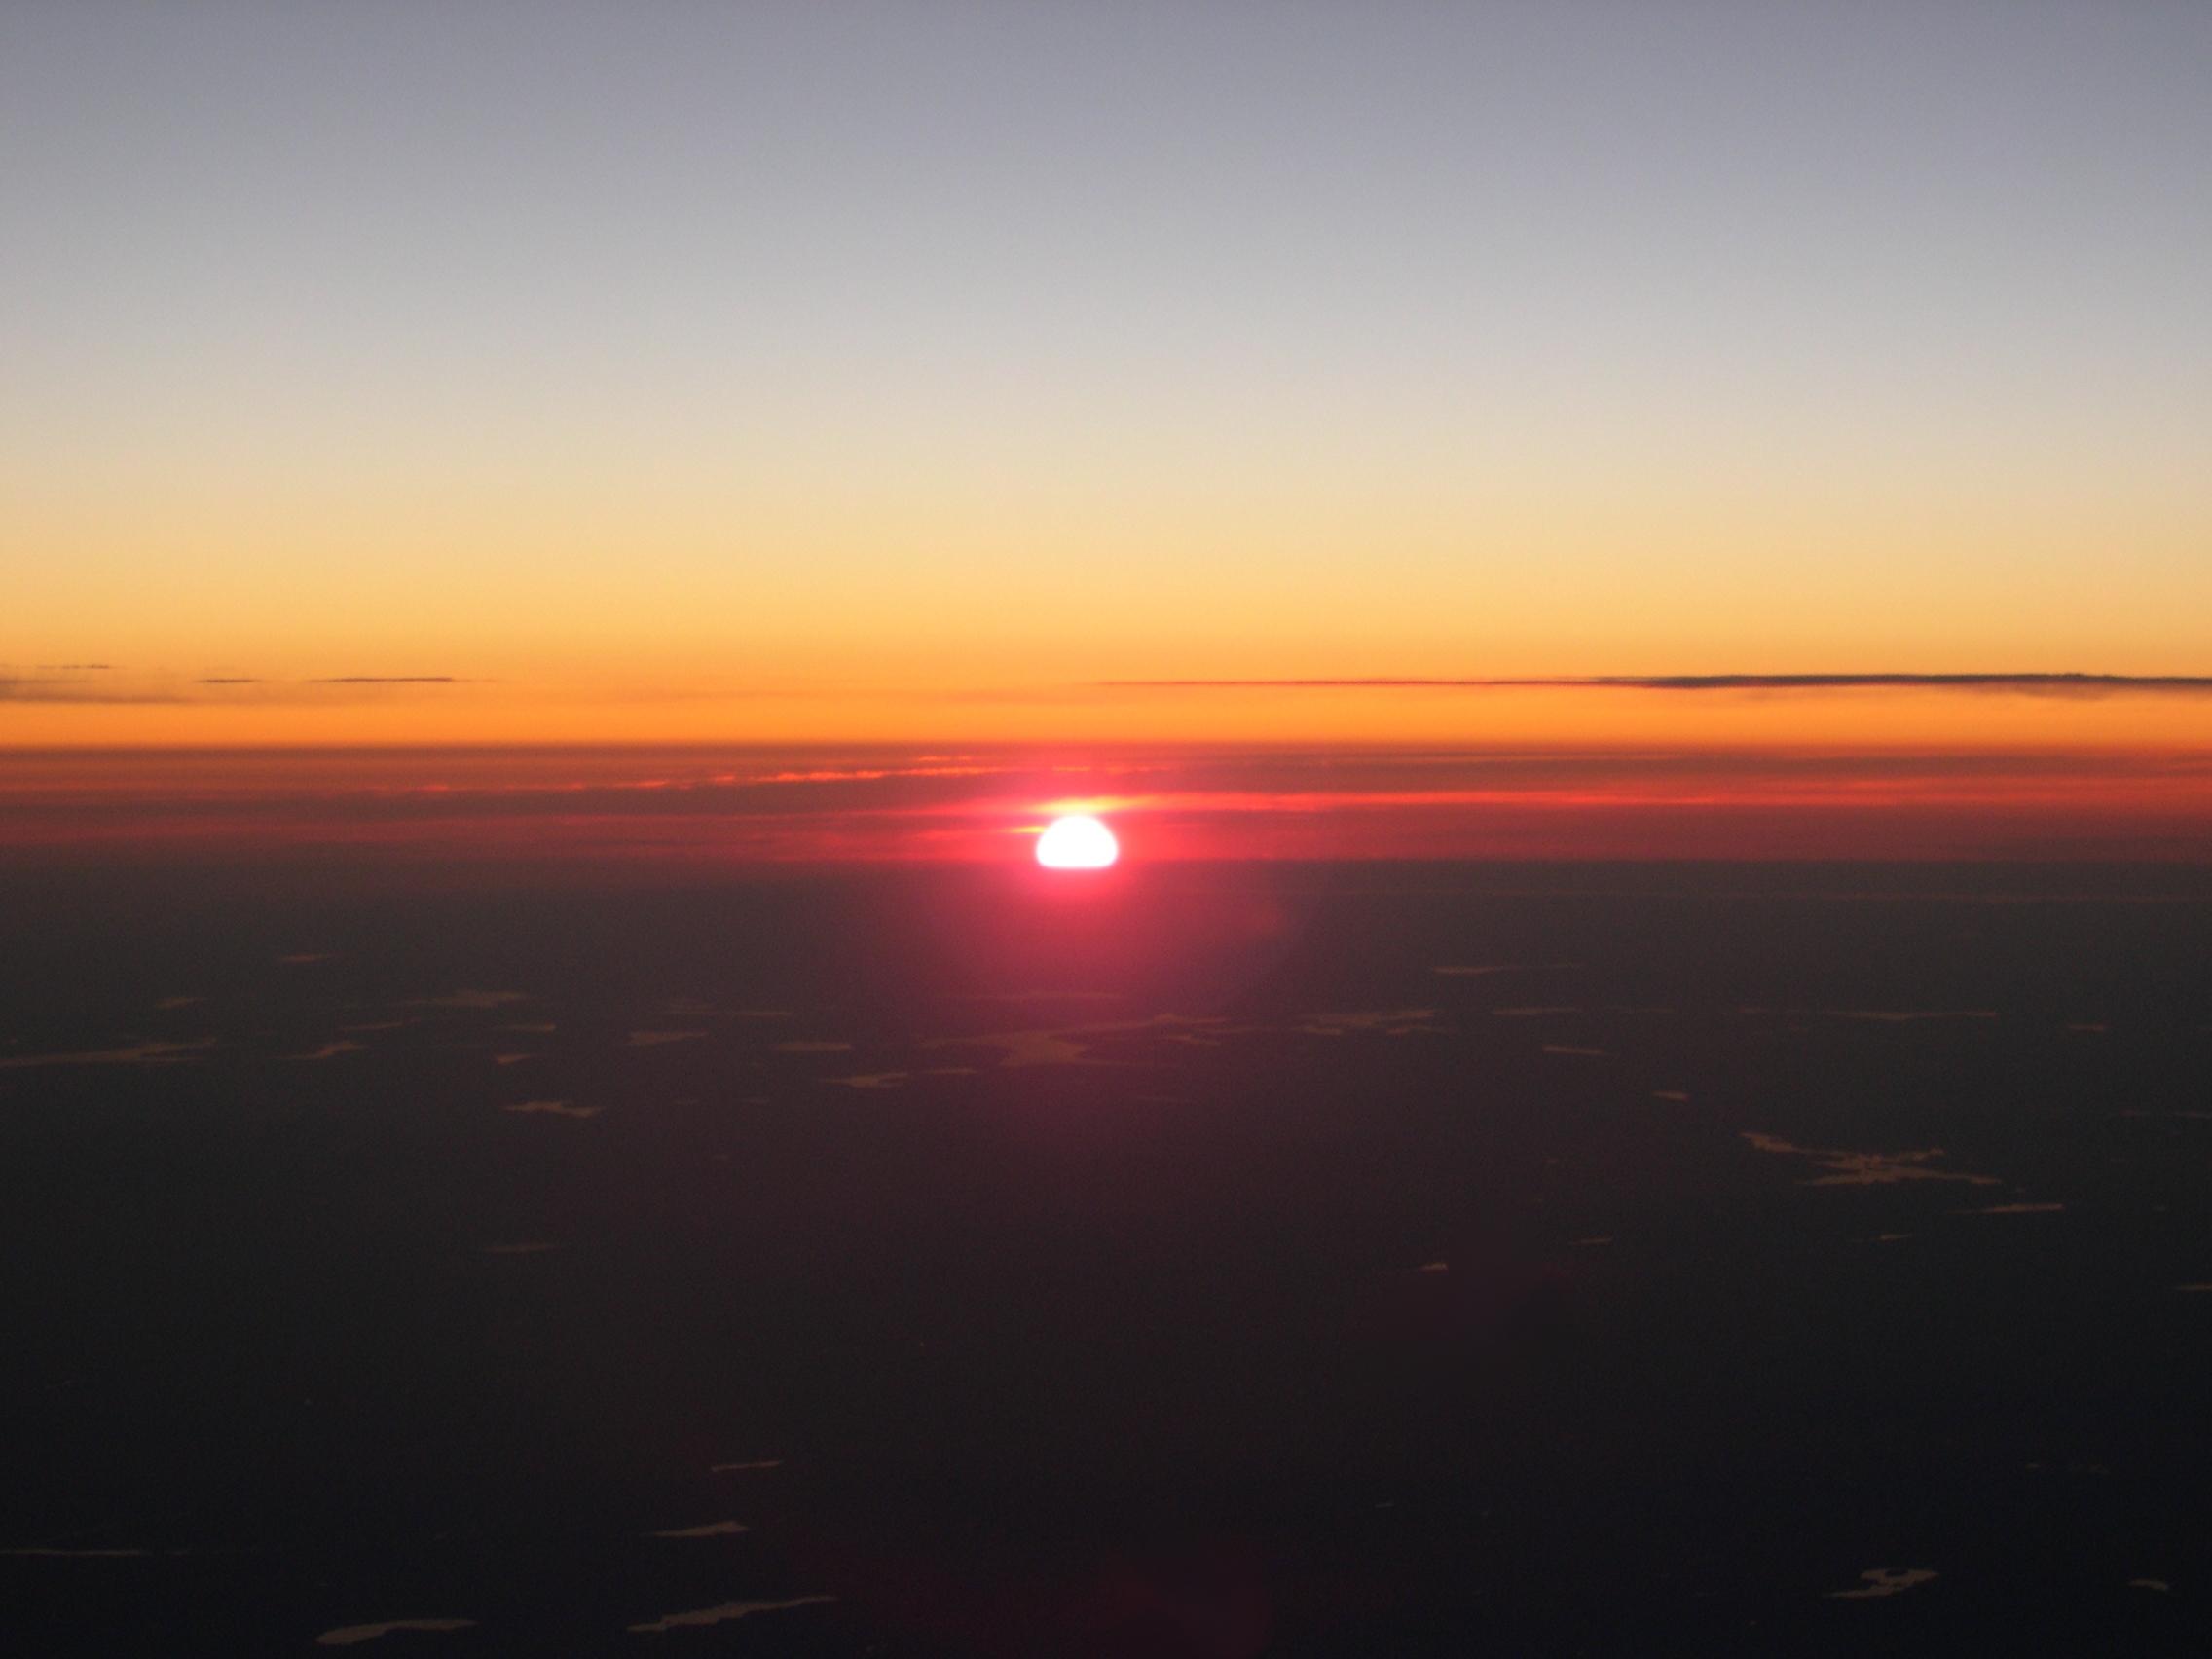 coucher de soleil - photo #18